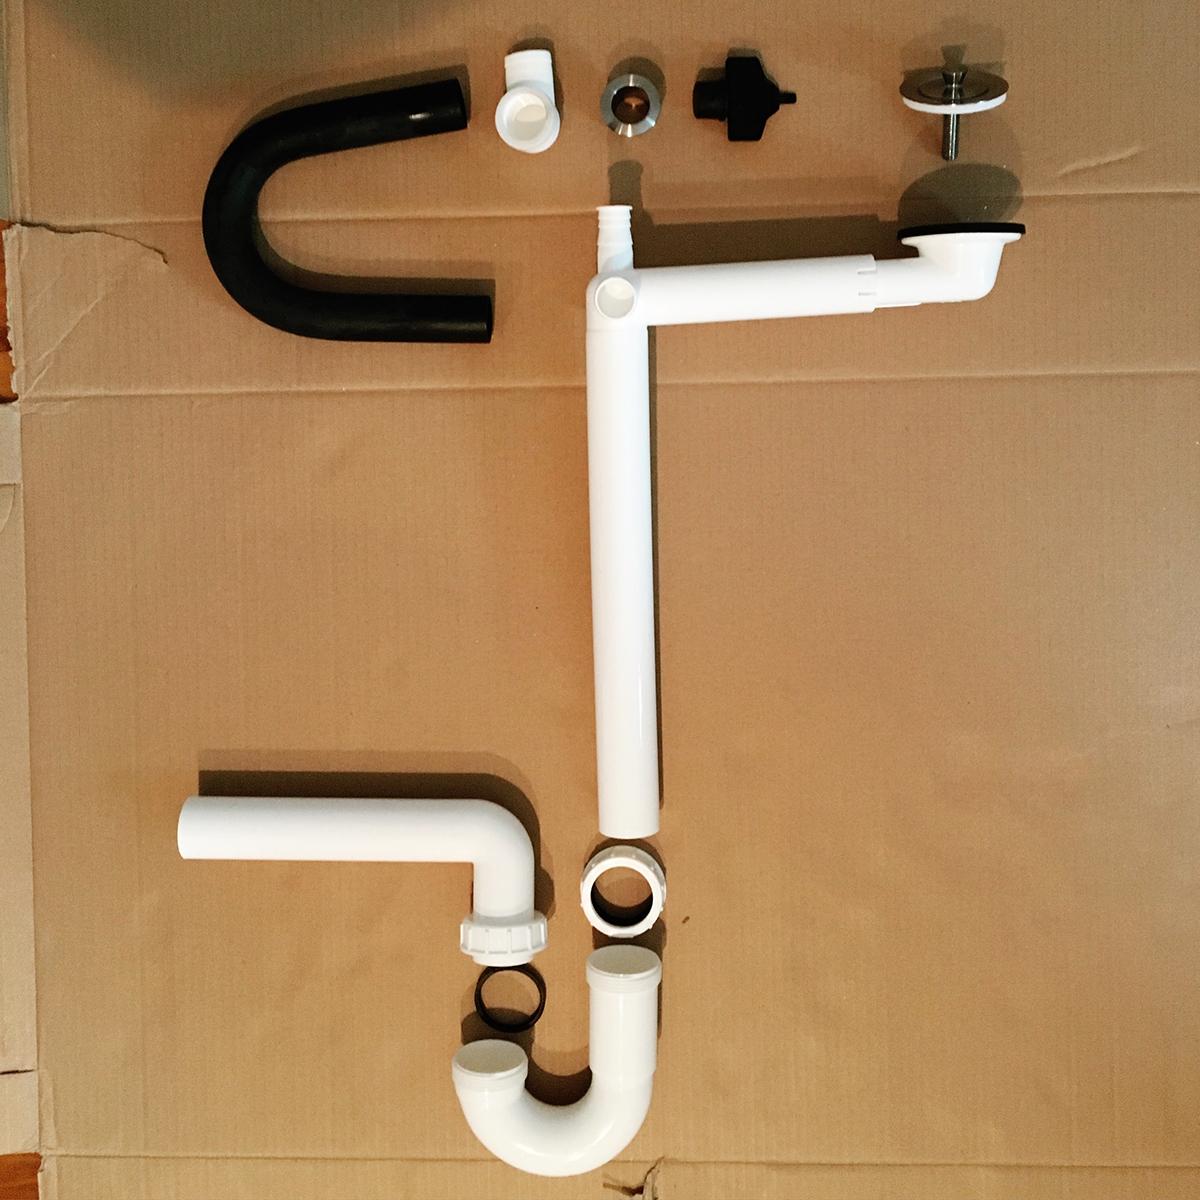 IKEA Plumbing Parts.JPG